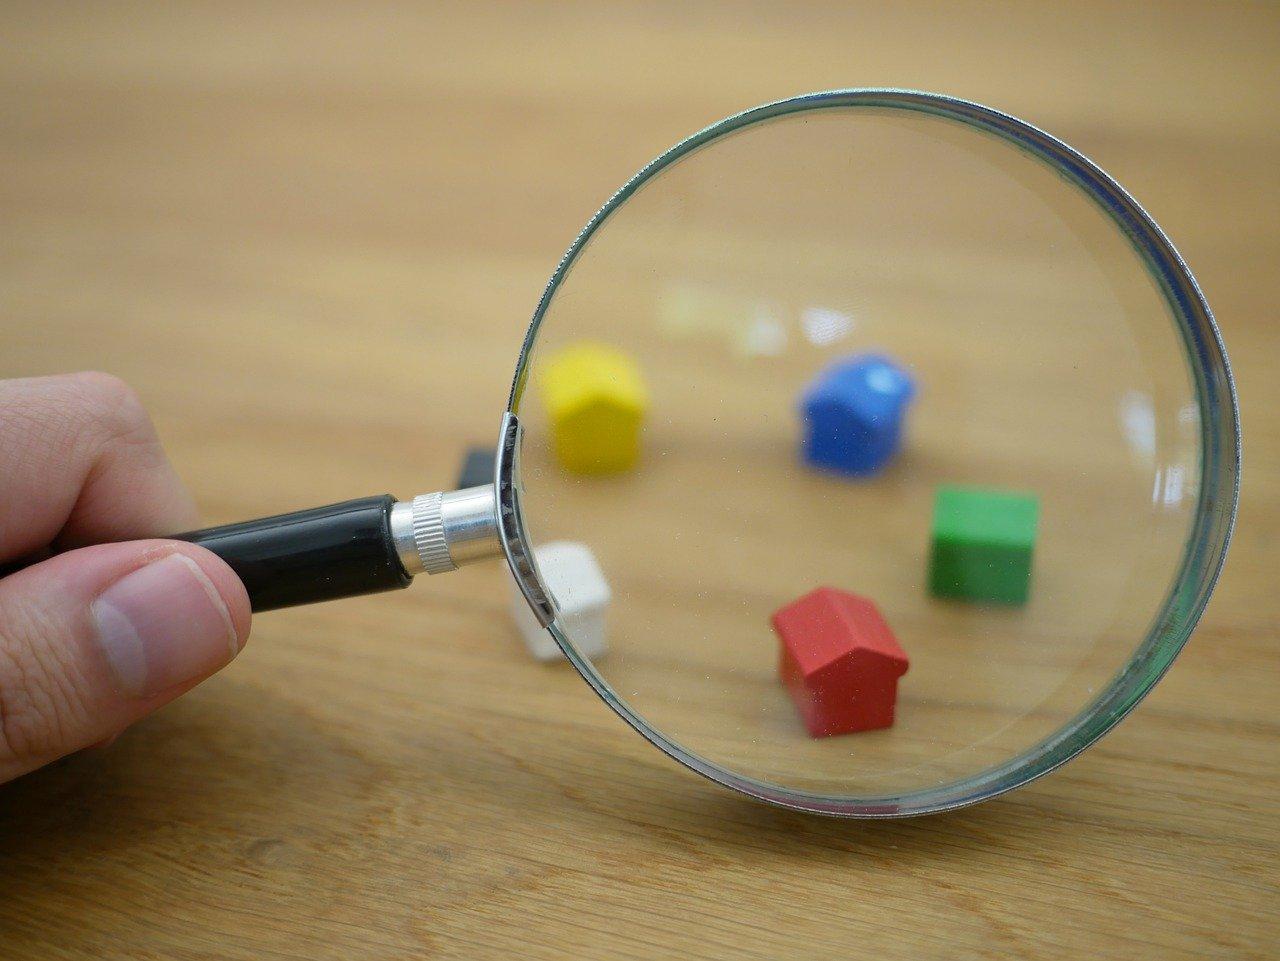 Pohotovostní hypotéka je ideální volbou, když hledáte vhodnou nemovitost